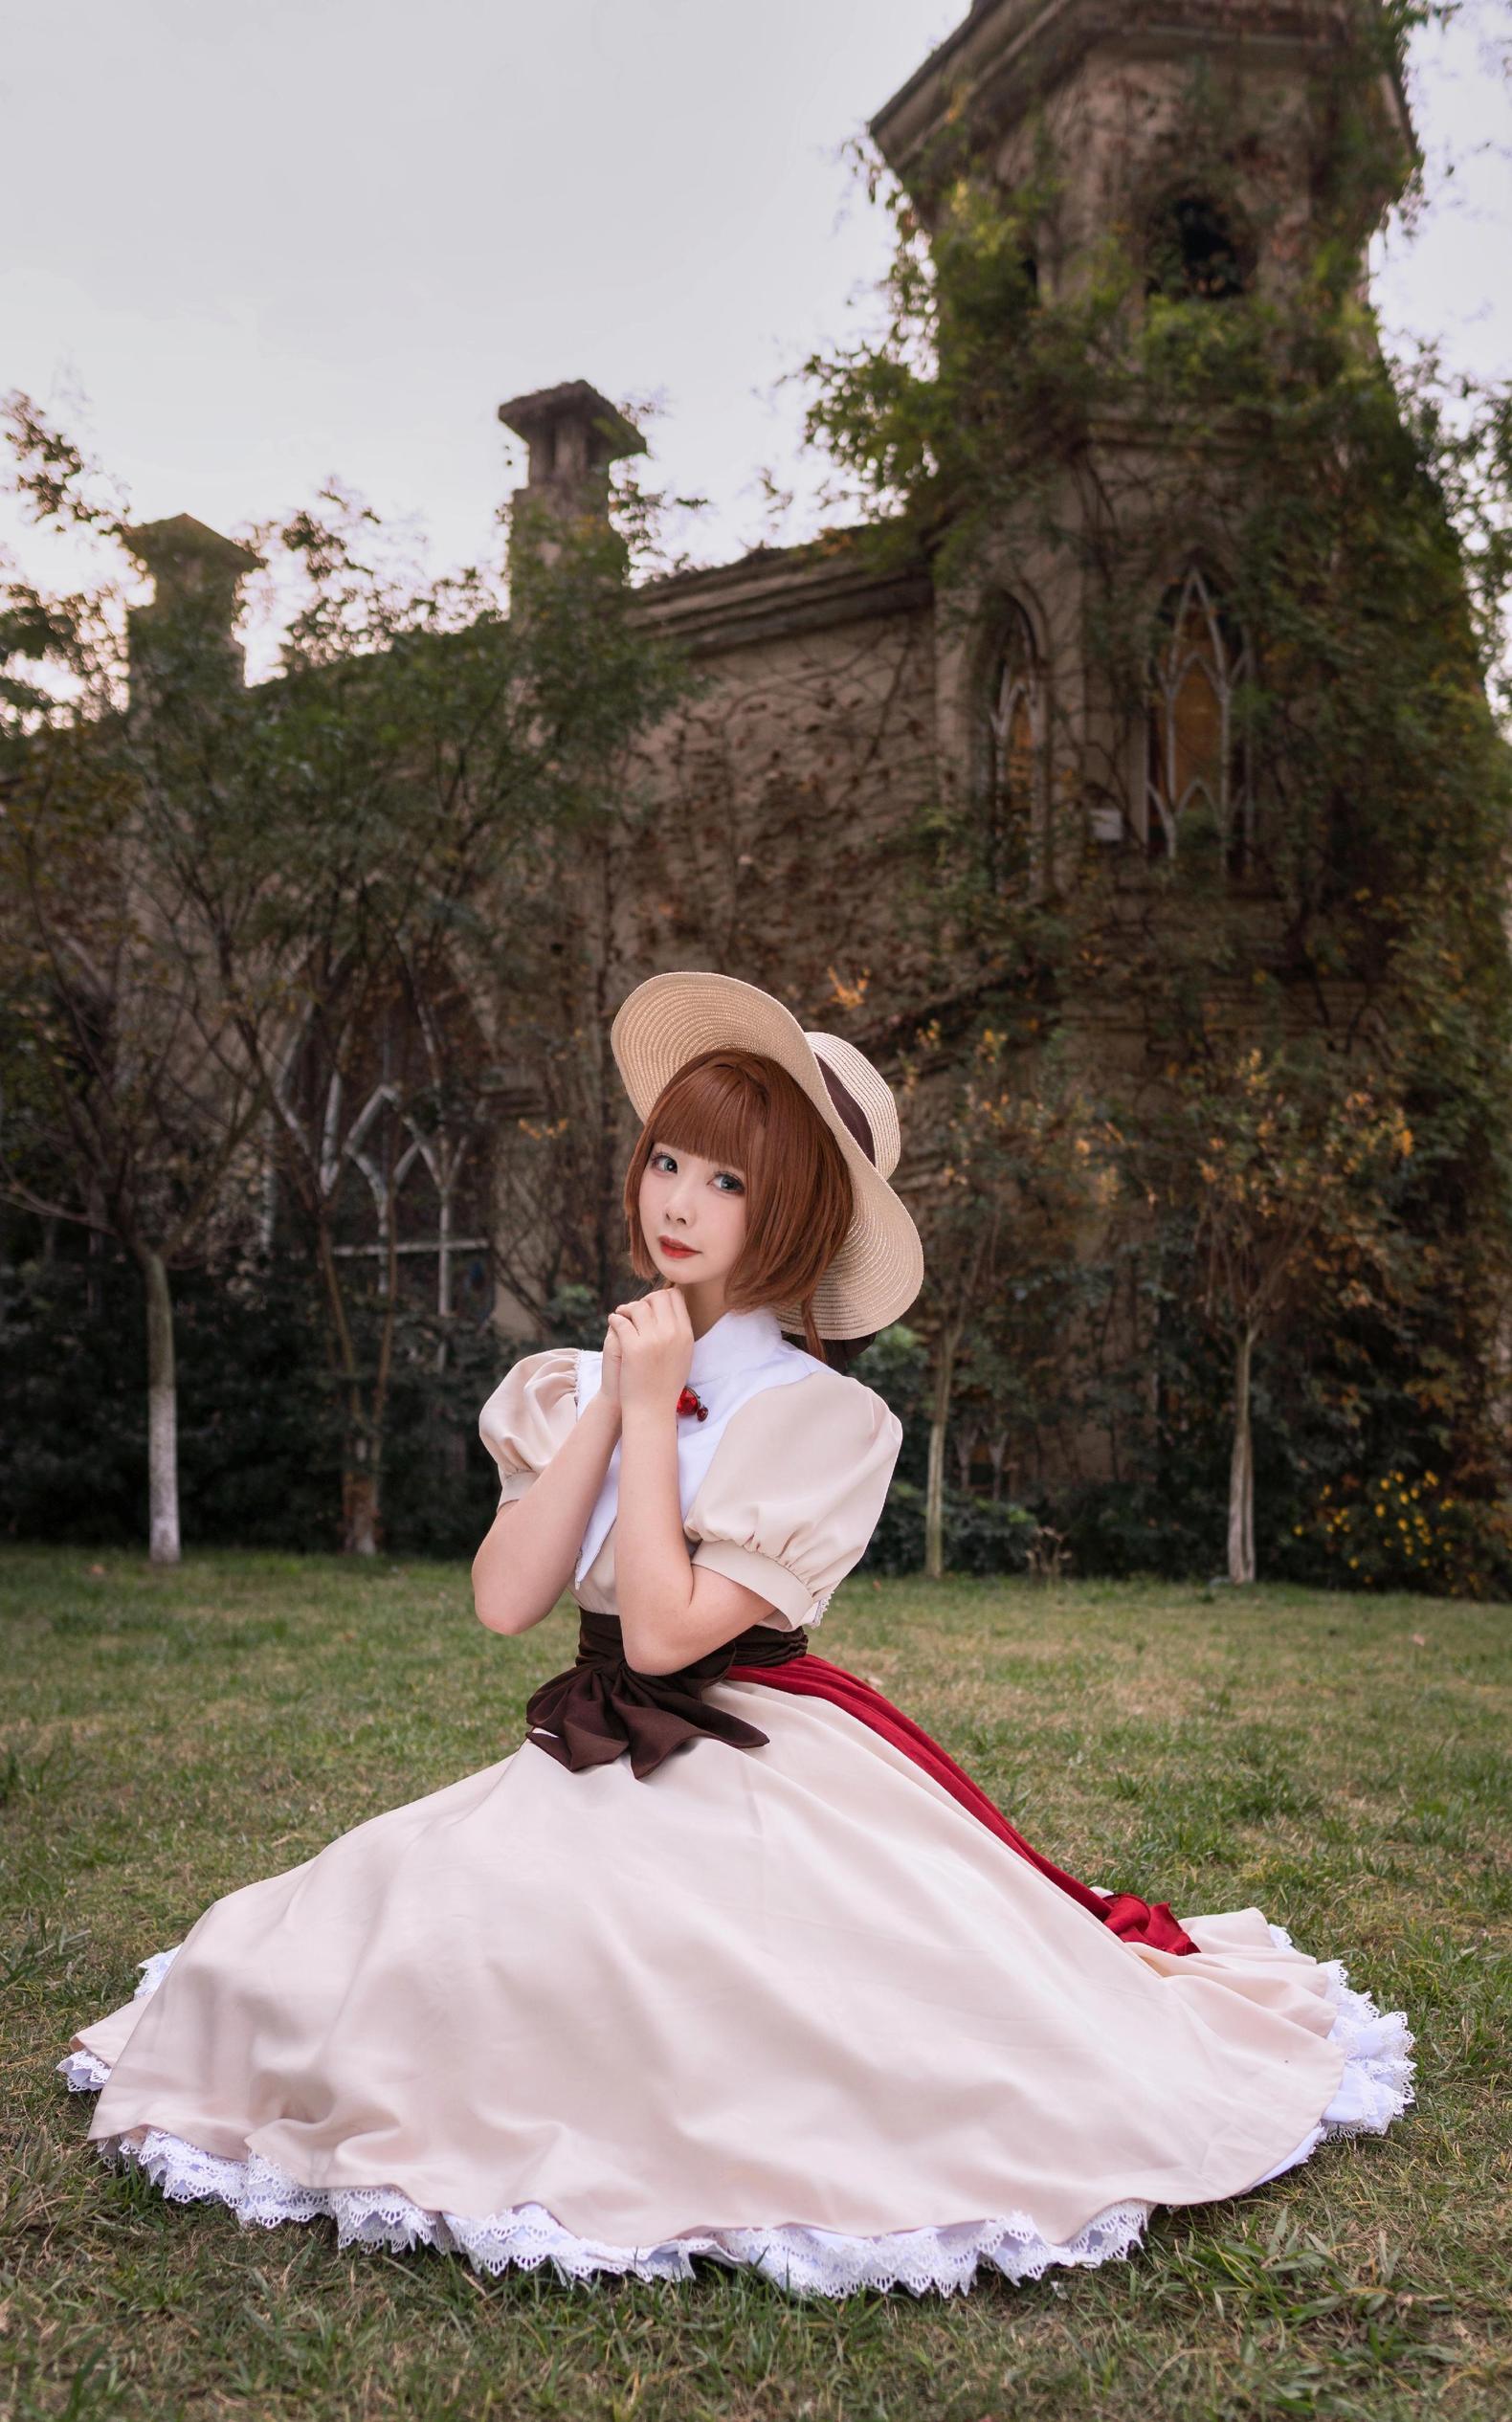 《魔卡少女樱》小樱cosplay【CN:一X夏天X一】-第4张